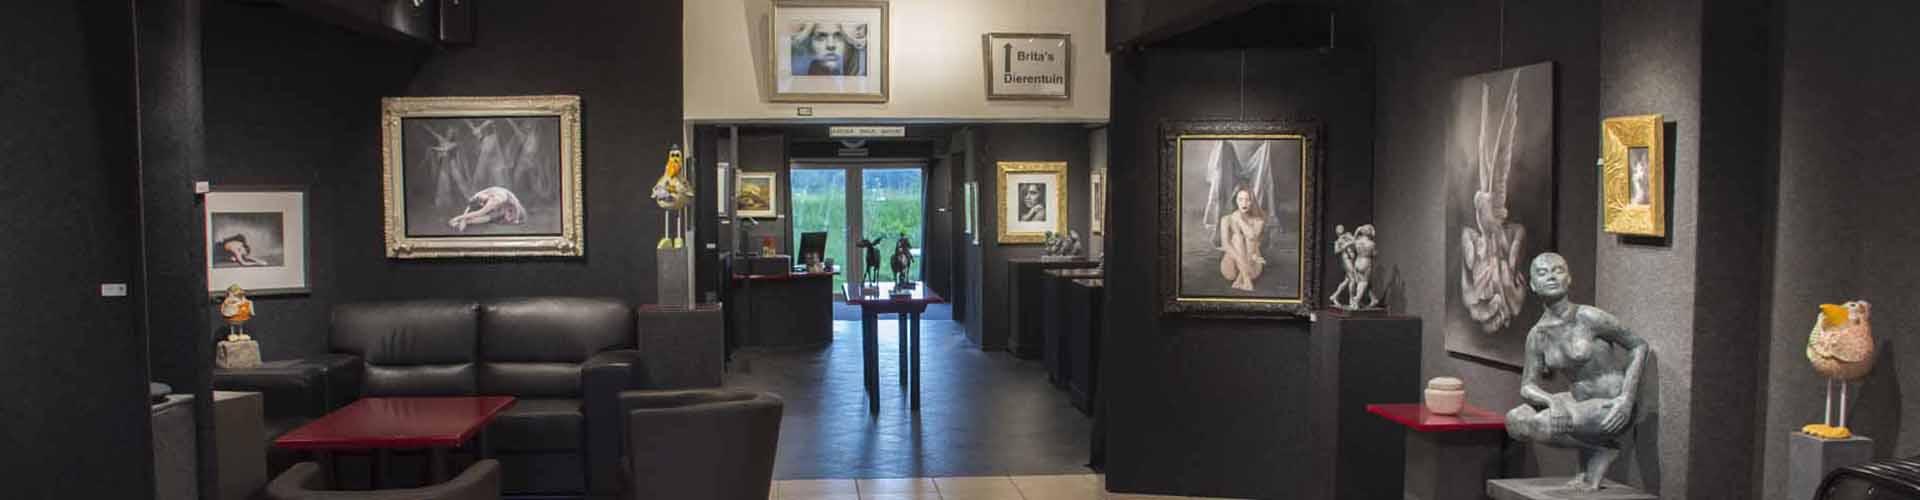 Expositie Brita Seifert Dierentuin bij Galerie Pictura